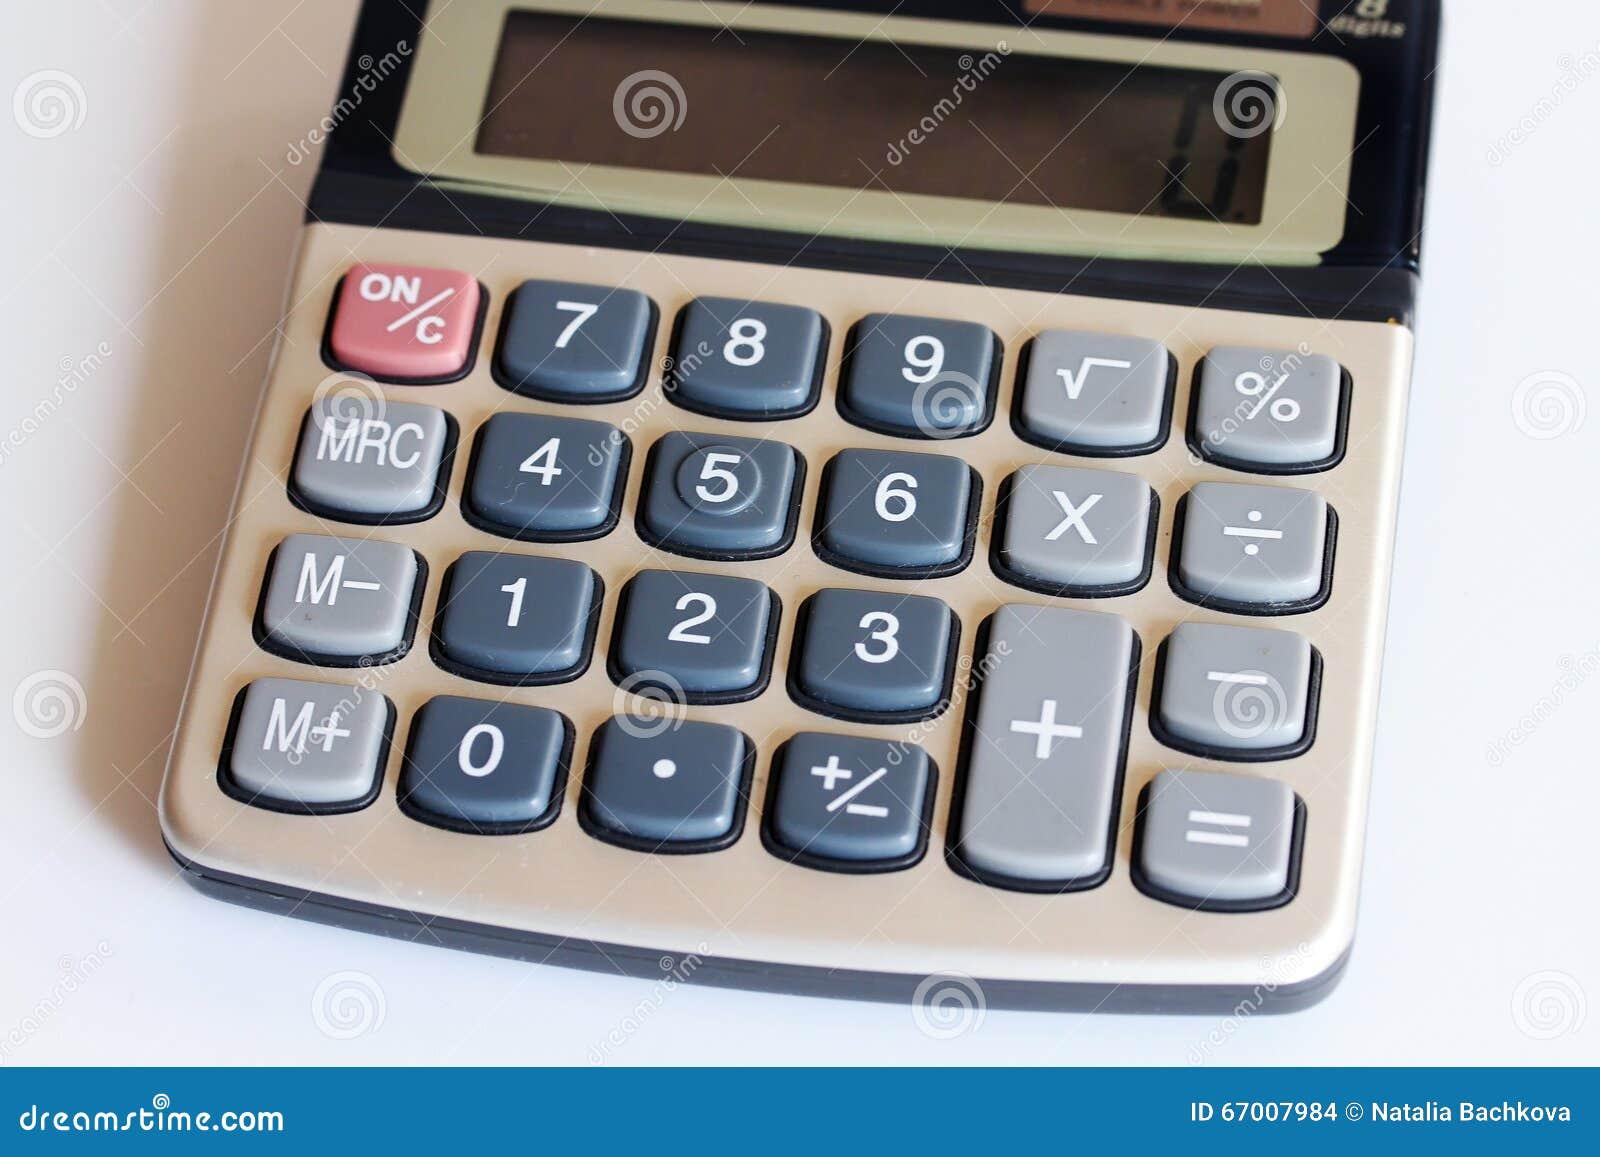 Toetsenbordcalculator met gegevensverwerking